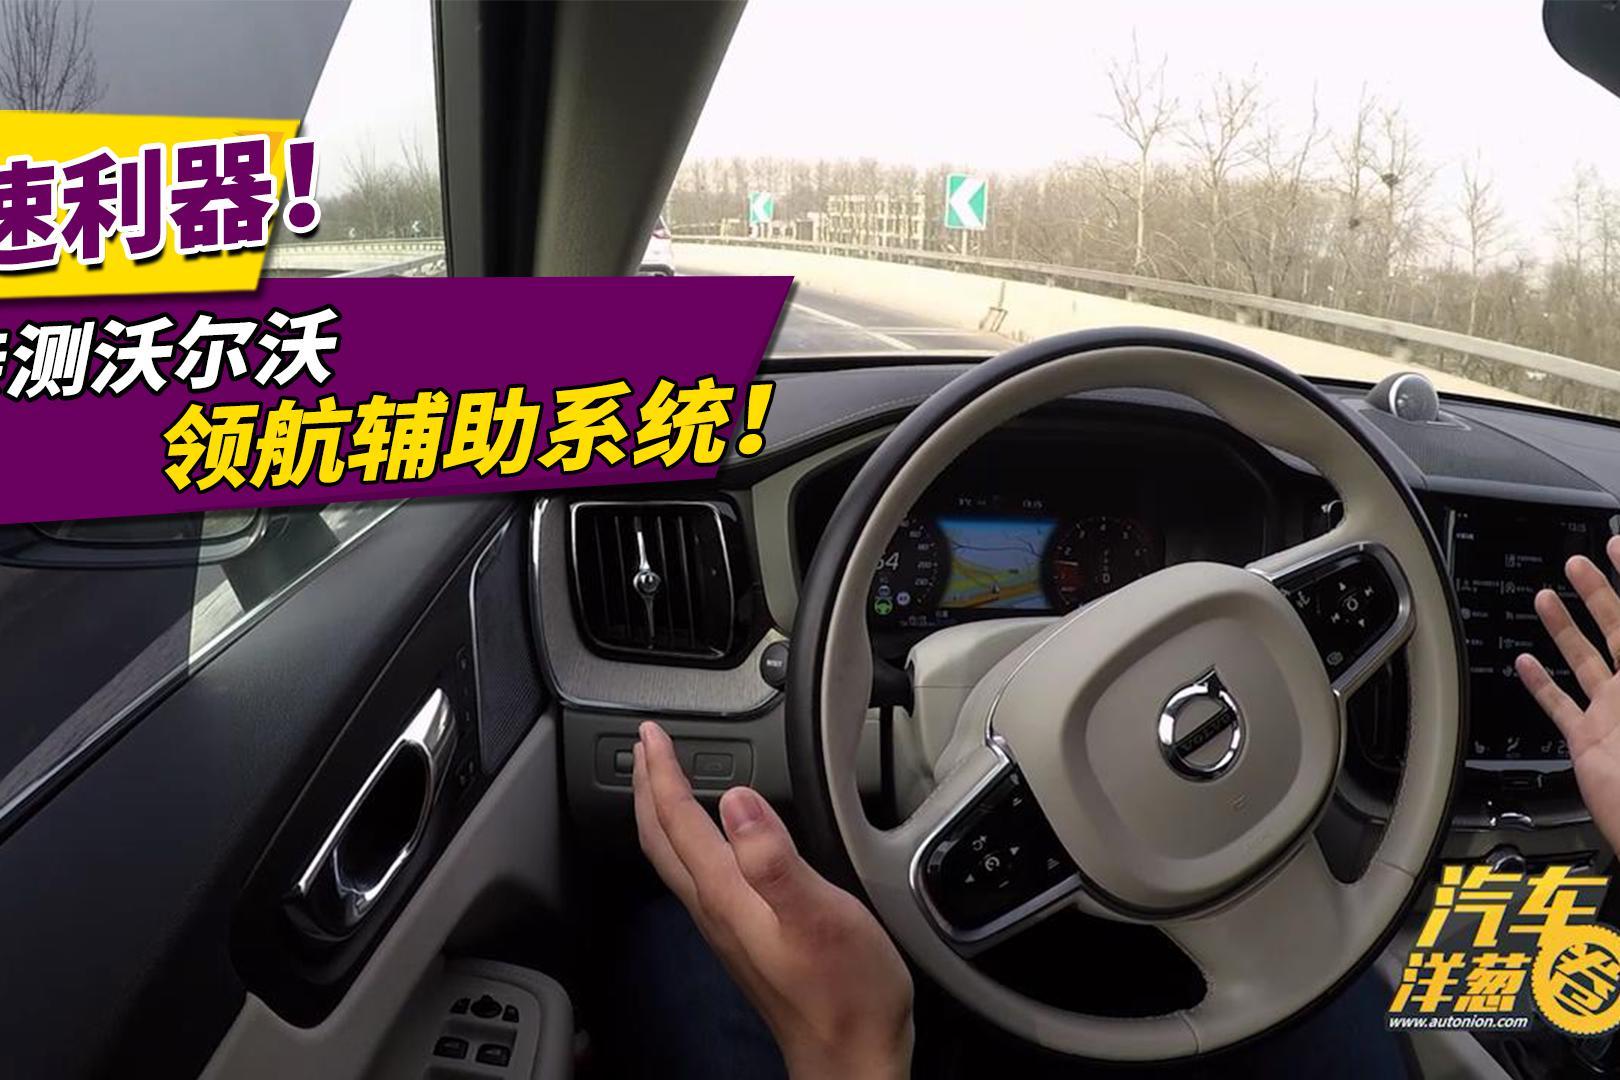 亲测!可能是目前最好用的自动驾驶辅助系统!